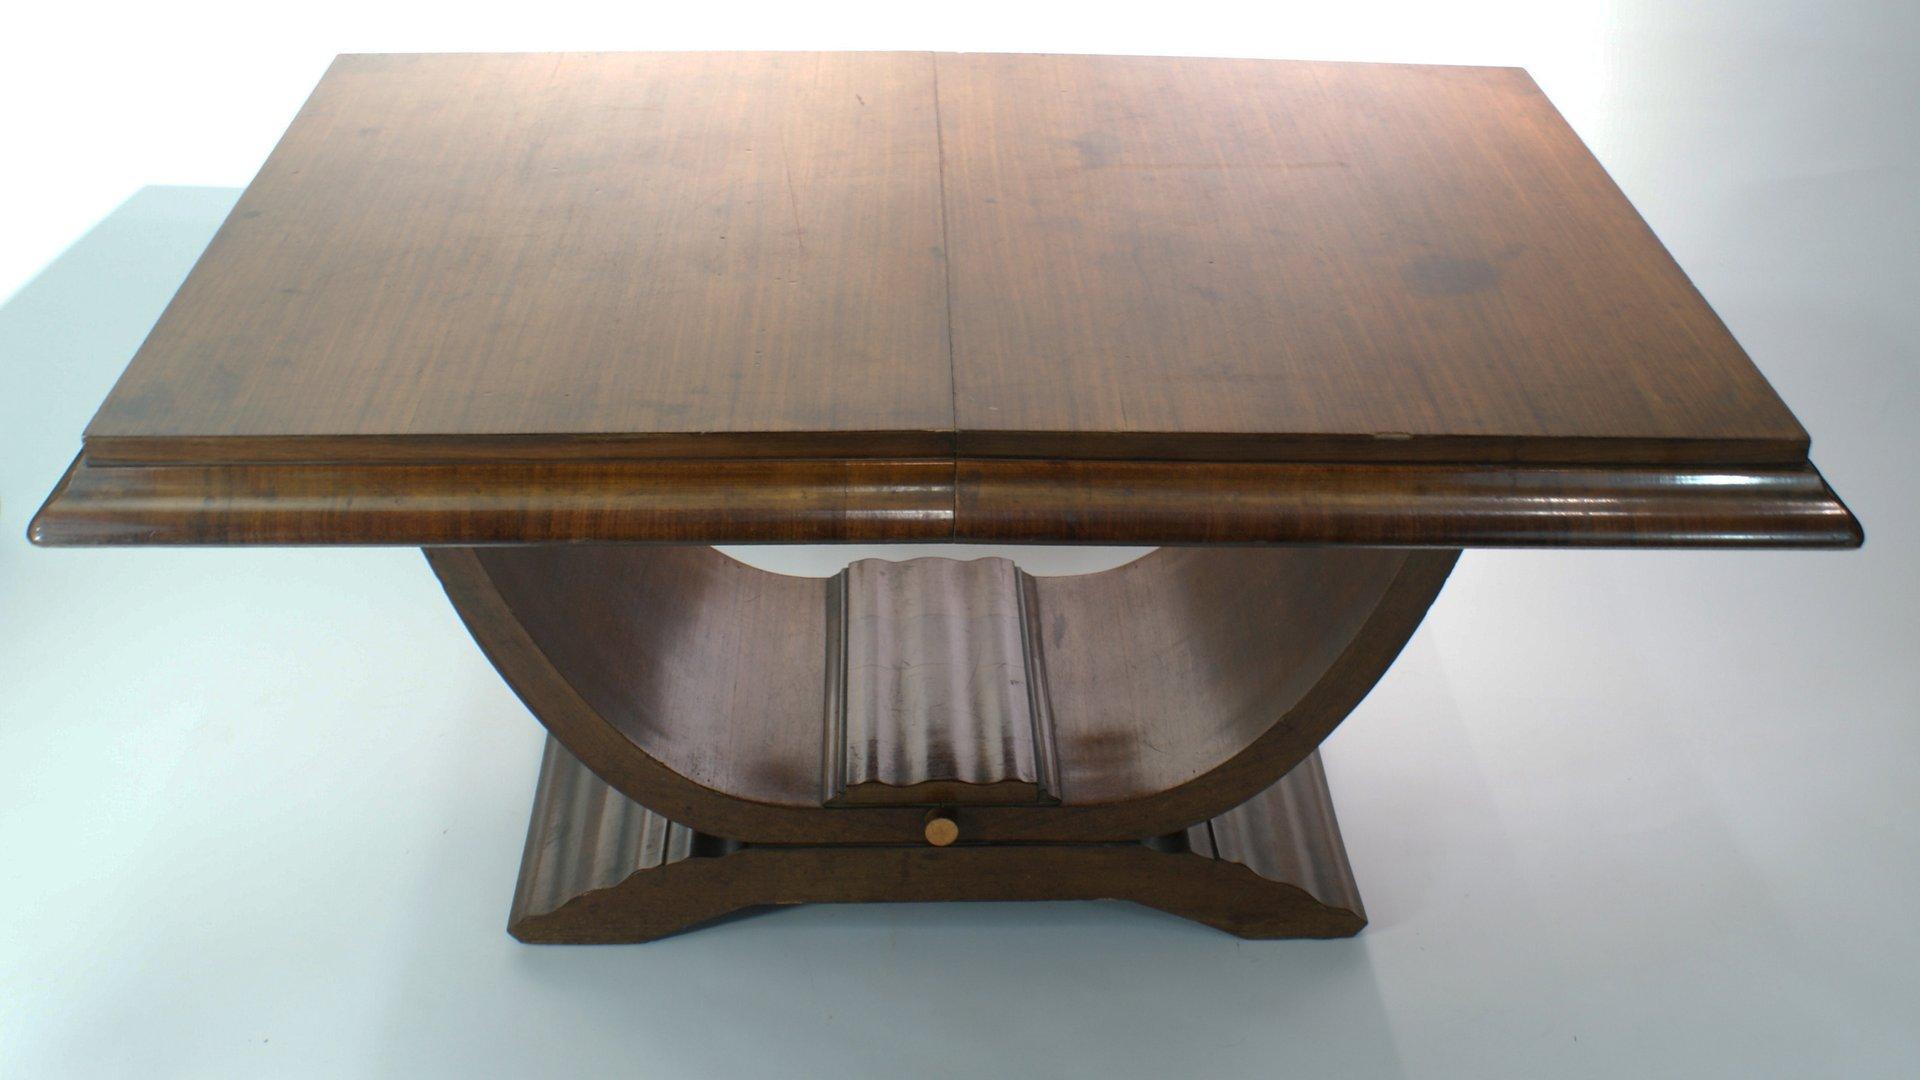 Table de salle manger art d co 1940s en vente sur pamono - Deco sur table salle a manger ...